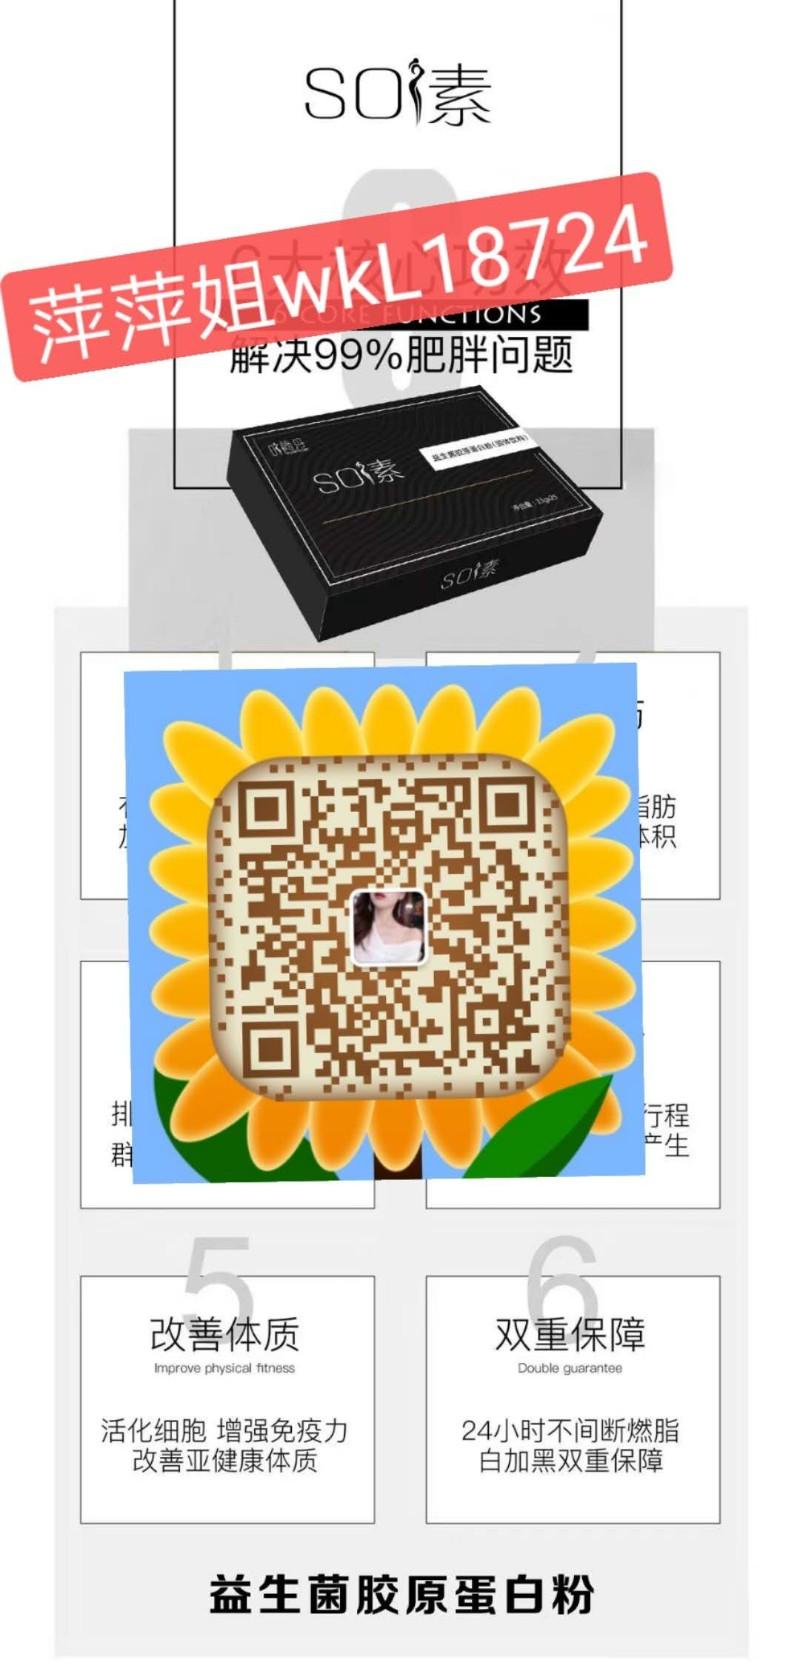 微信图片_202007130854463.jpg